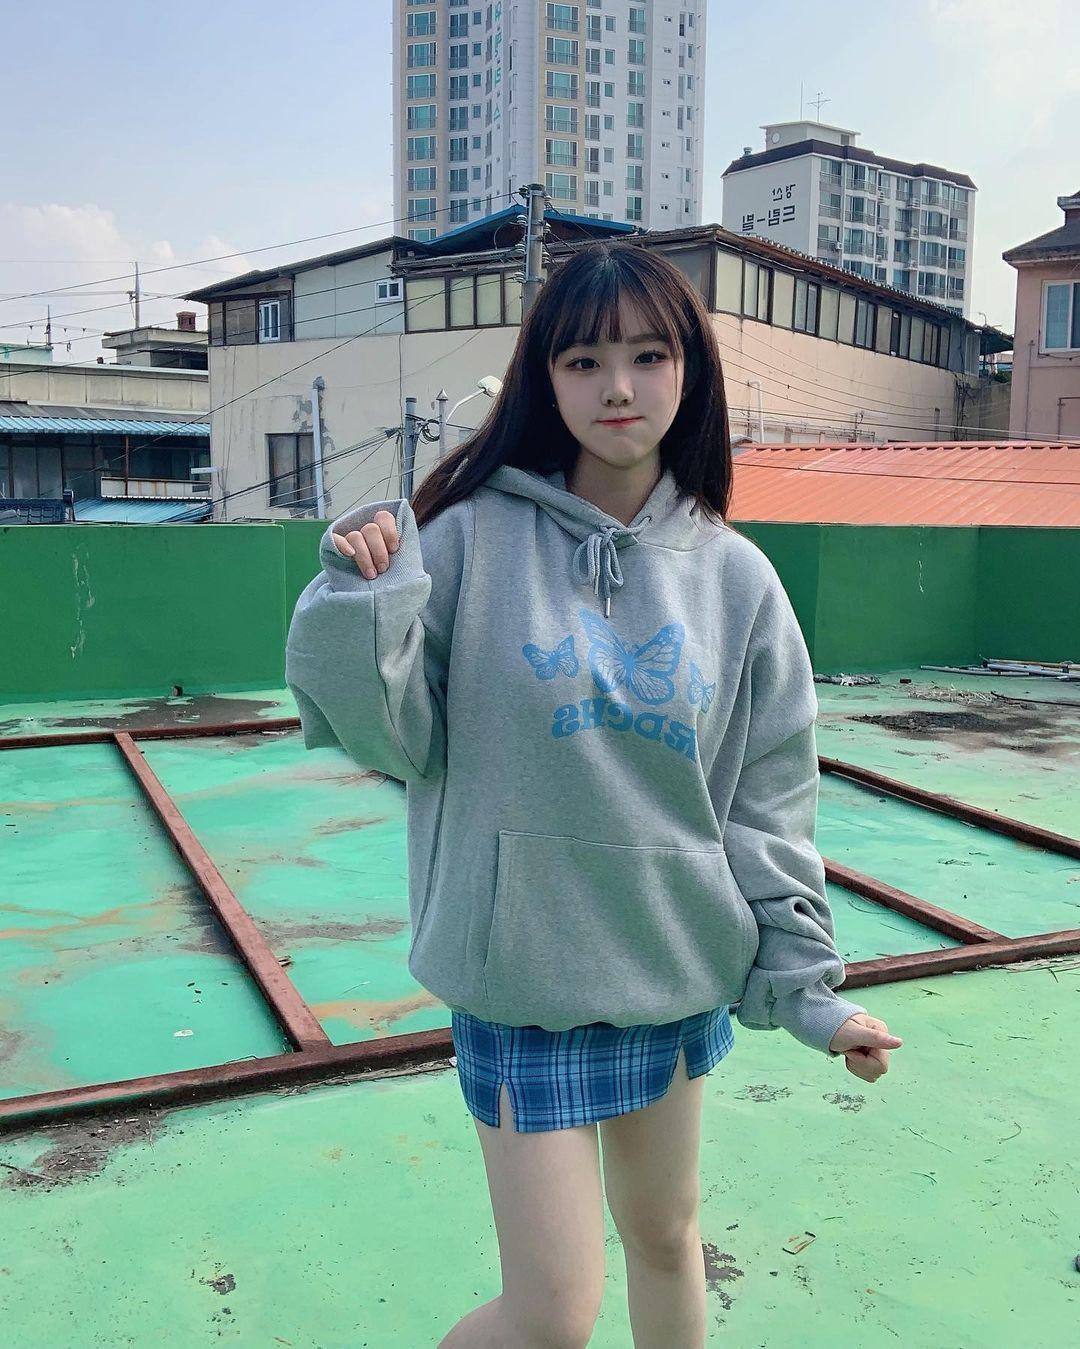 韩国的网红妹子推荐:sejinming 惊艳十足!插图1